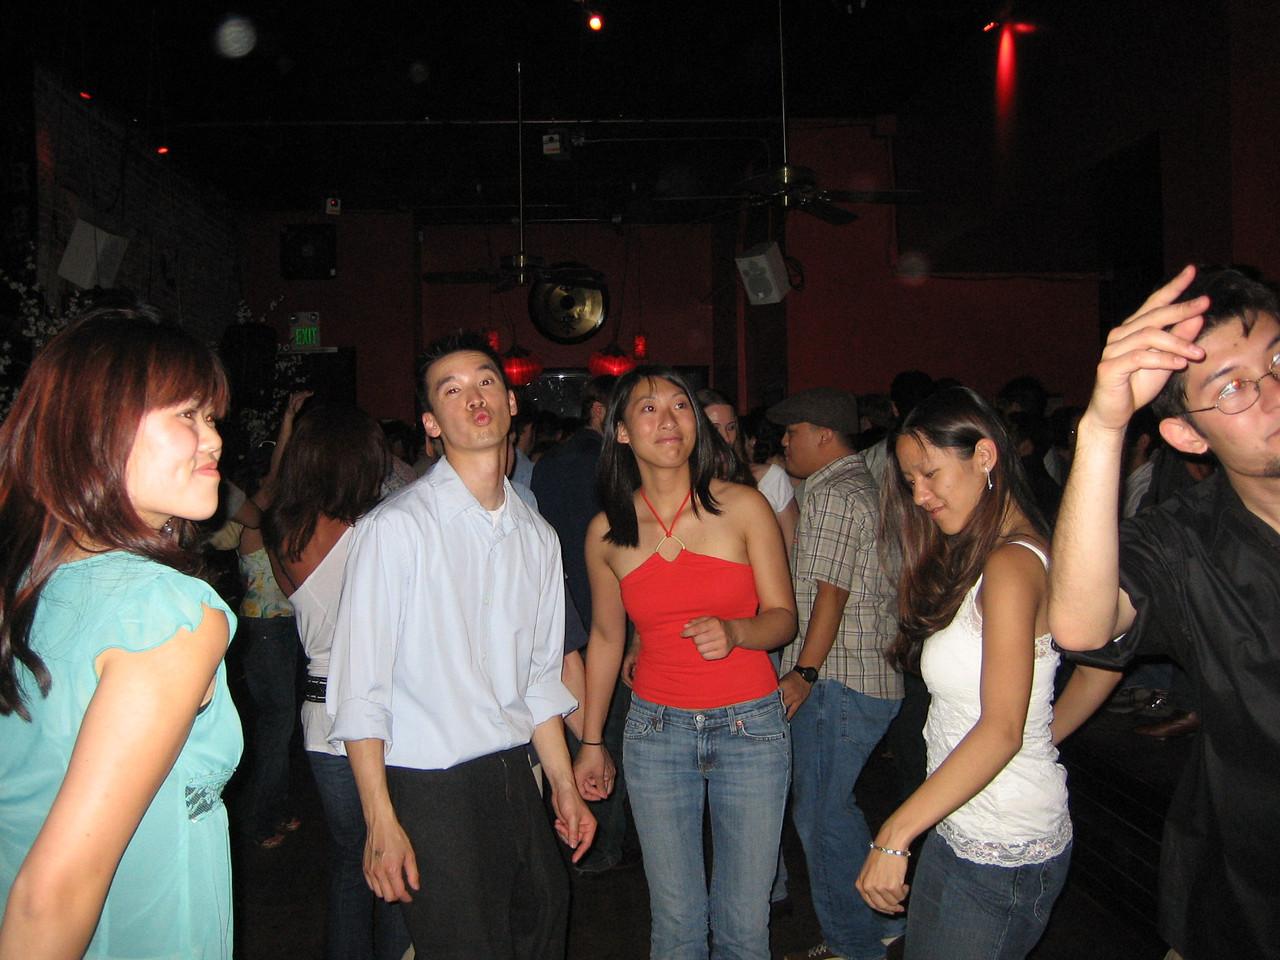 2005 06 04 Saturday - Dragon Bar - Brian puckers up